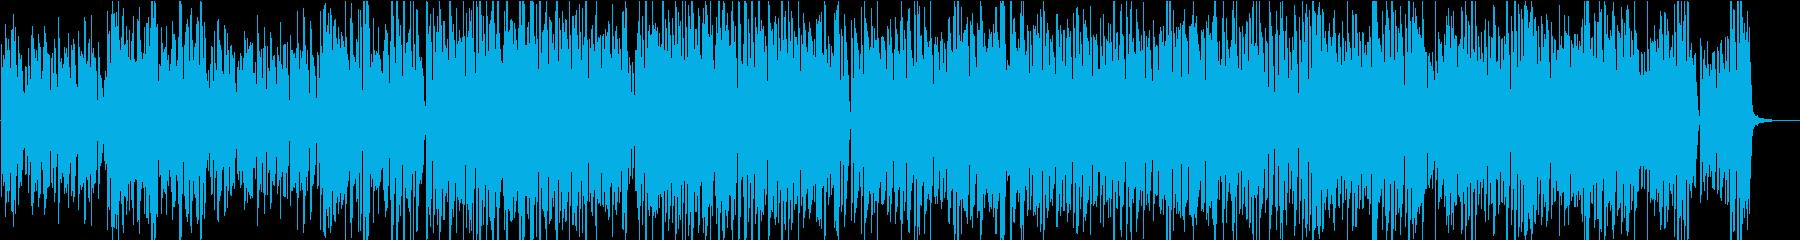 ピアノBGM レトロ感が逆に新しいの再生済みの波形